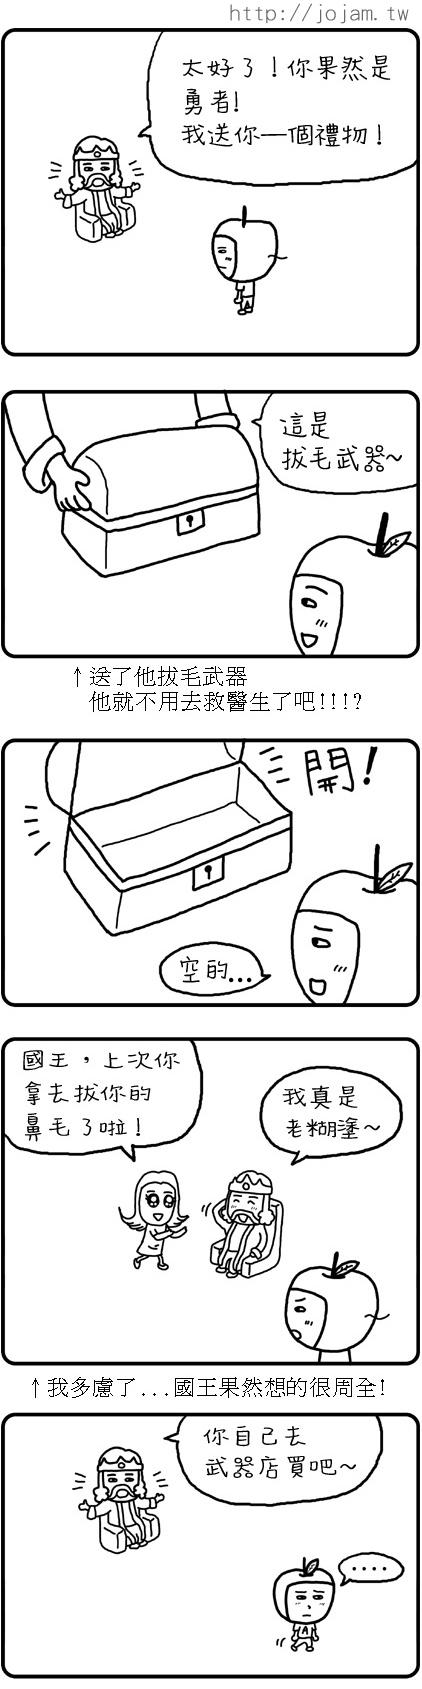 勇者鬥惡農_上_3.jpg